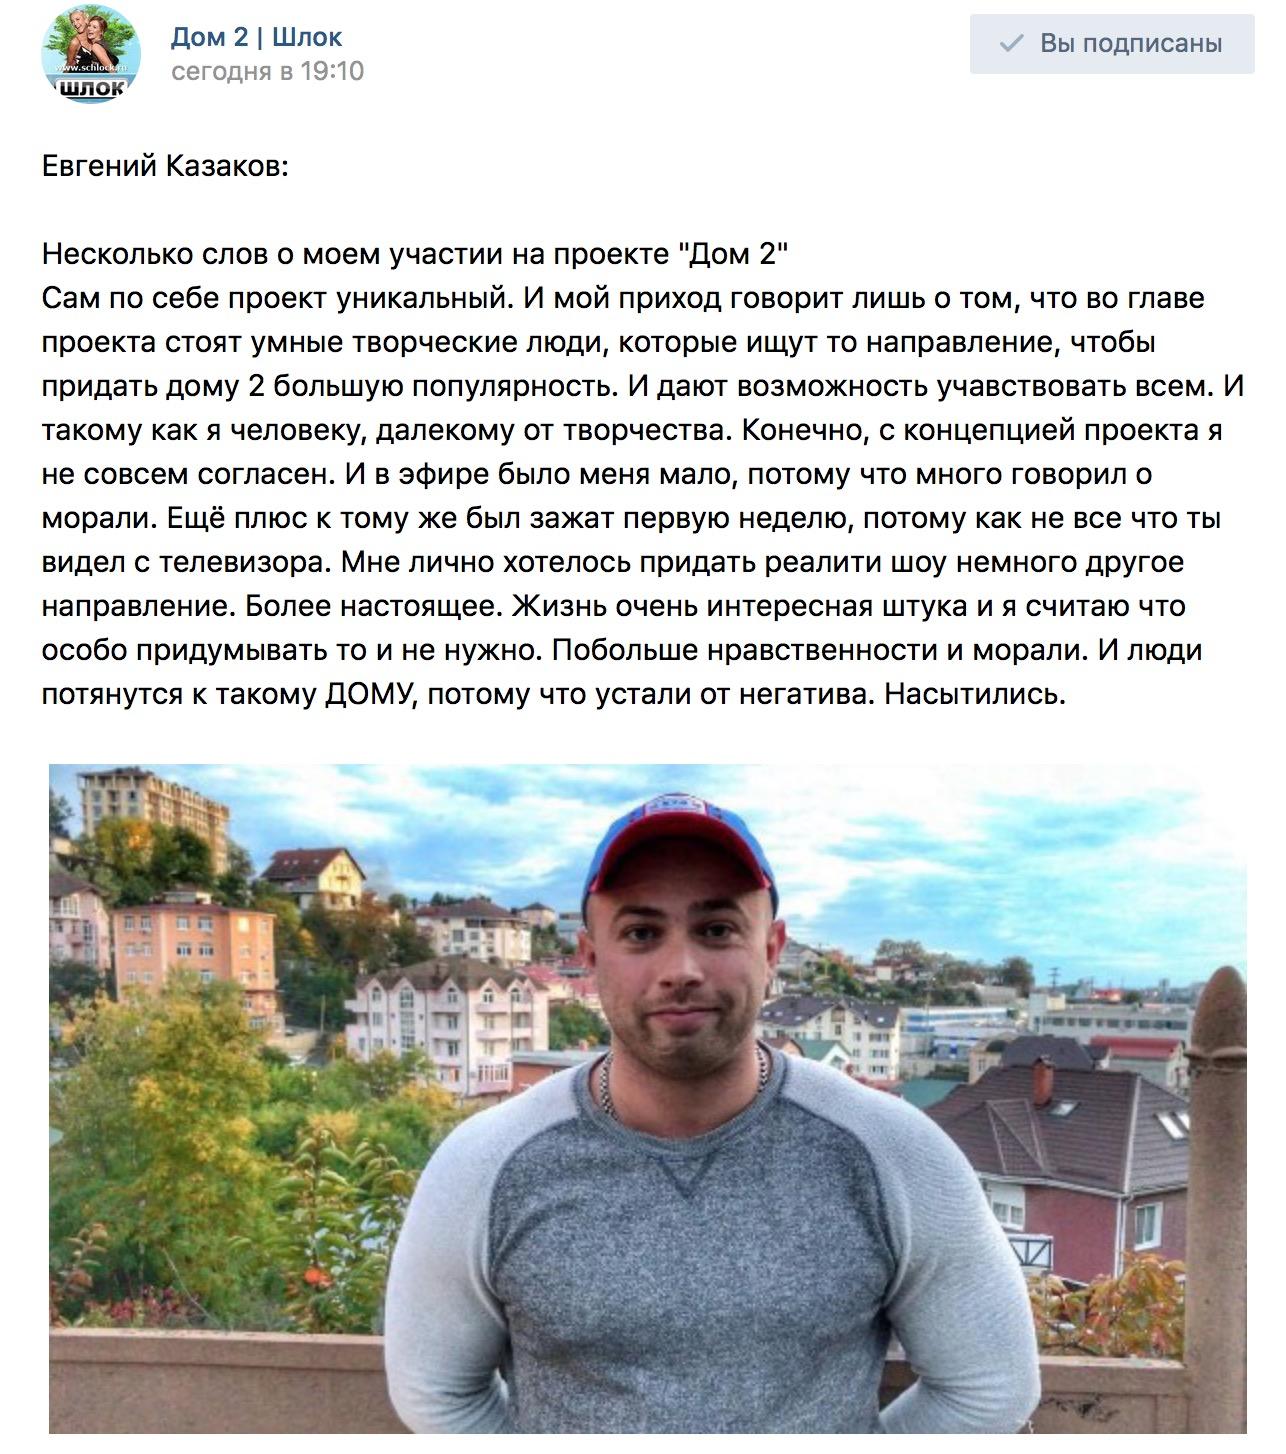 """Несколько слов о моем участии на проекте """"Дом 2"""""""